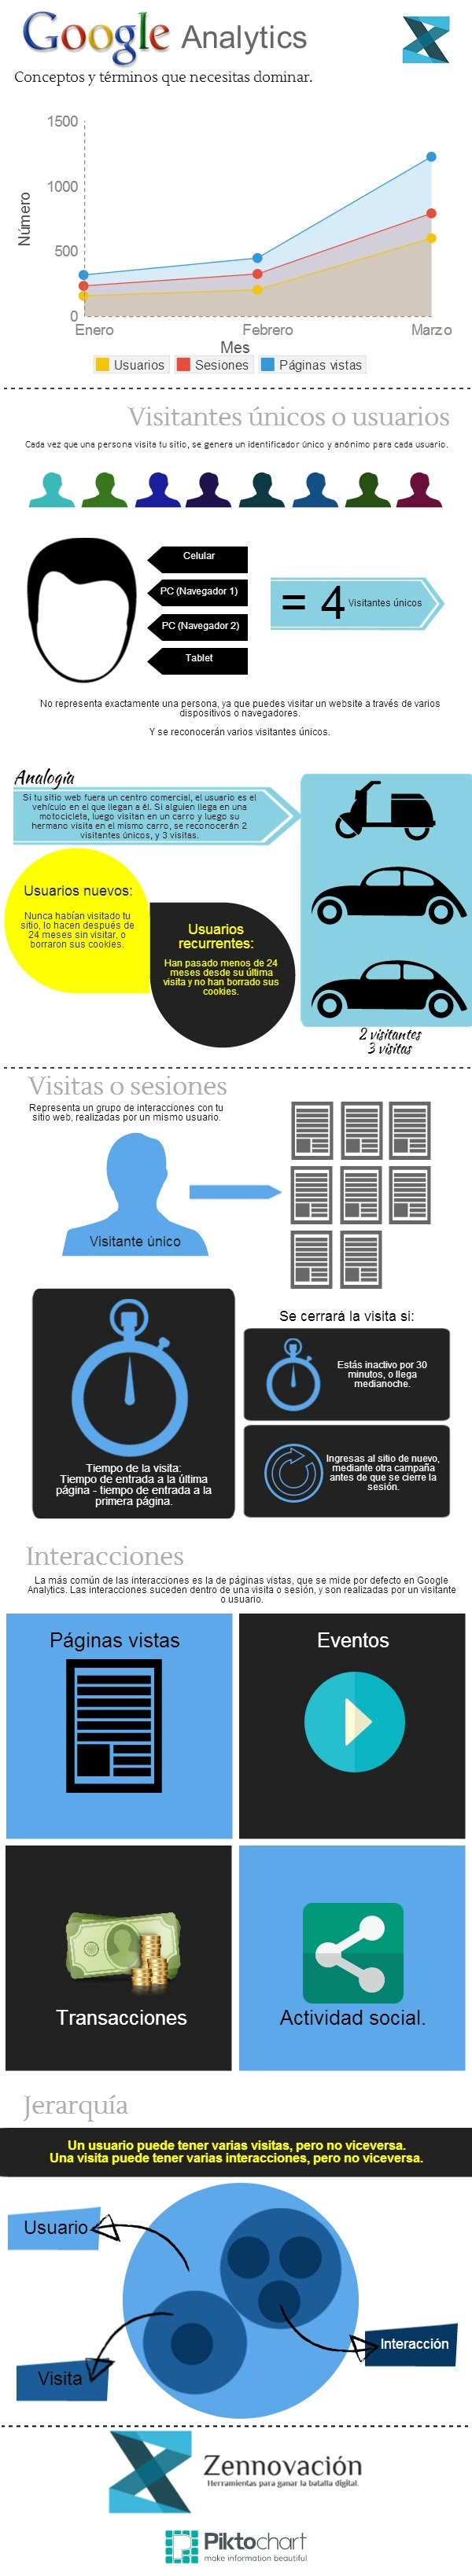 Google Analytics: conceptos y términos que necesitas dominar (Infografía)